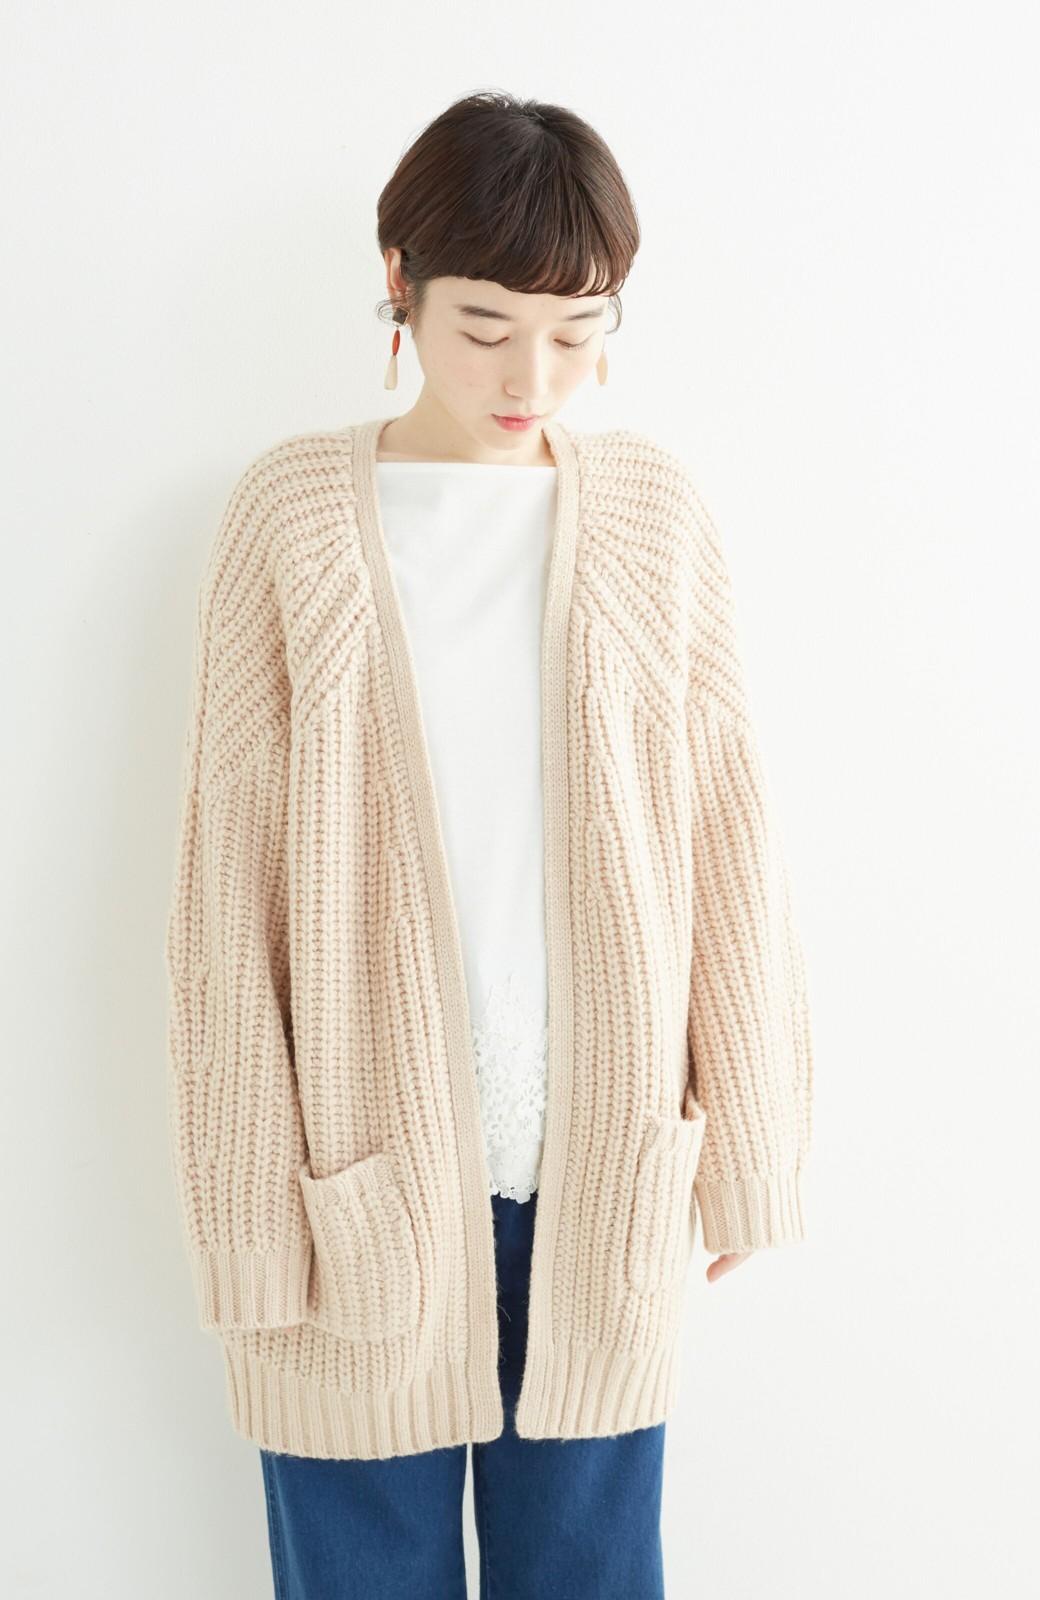 エムトロワ ぱっと羽織るのに便利なざっくり編みカーディガン <ライトベージュ>の商品写真10